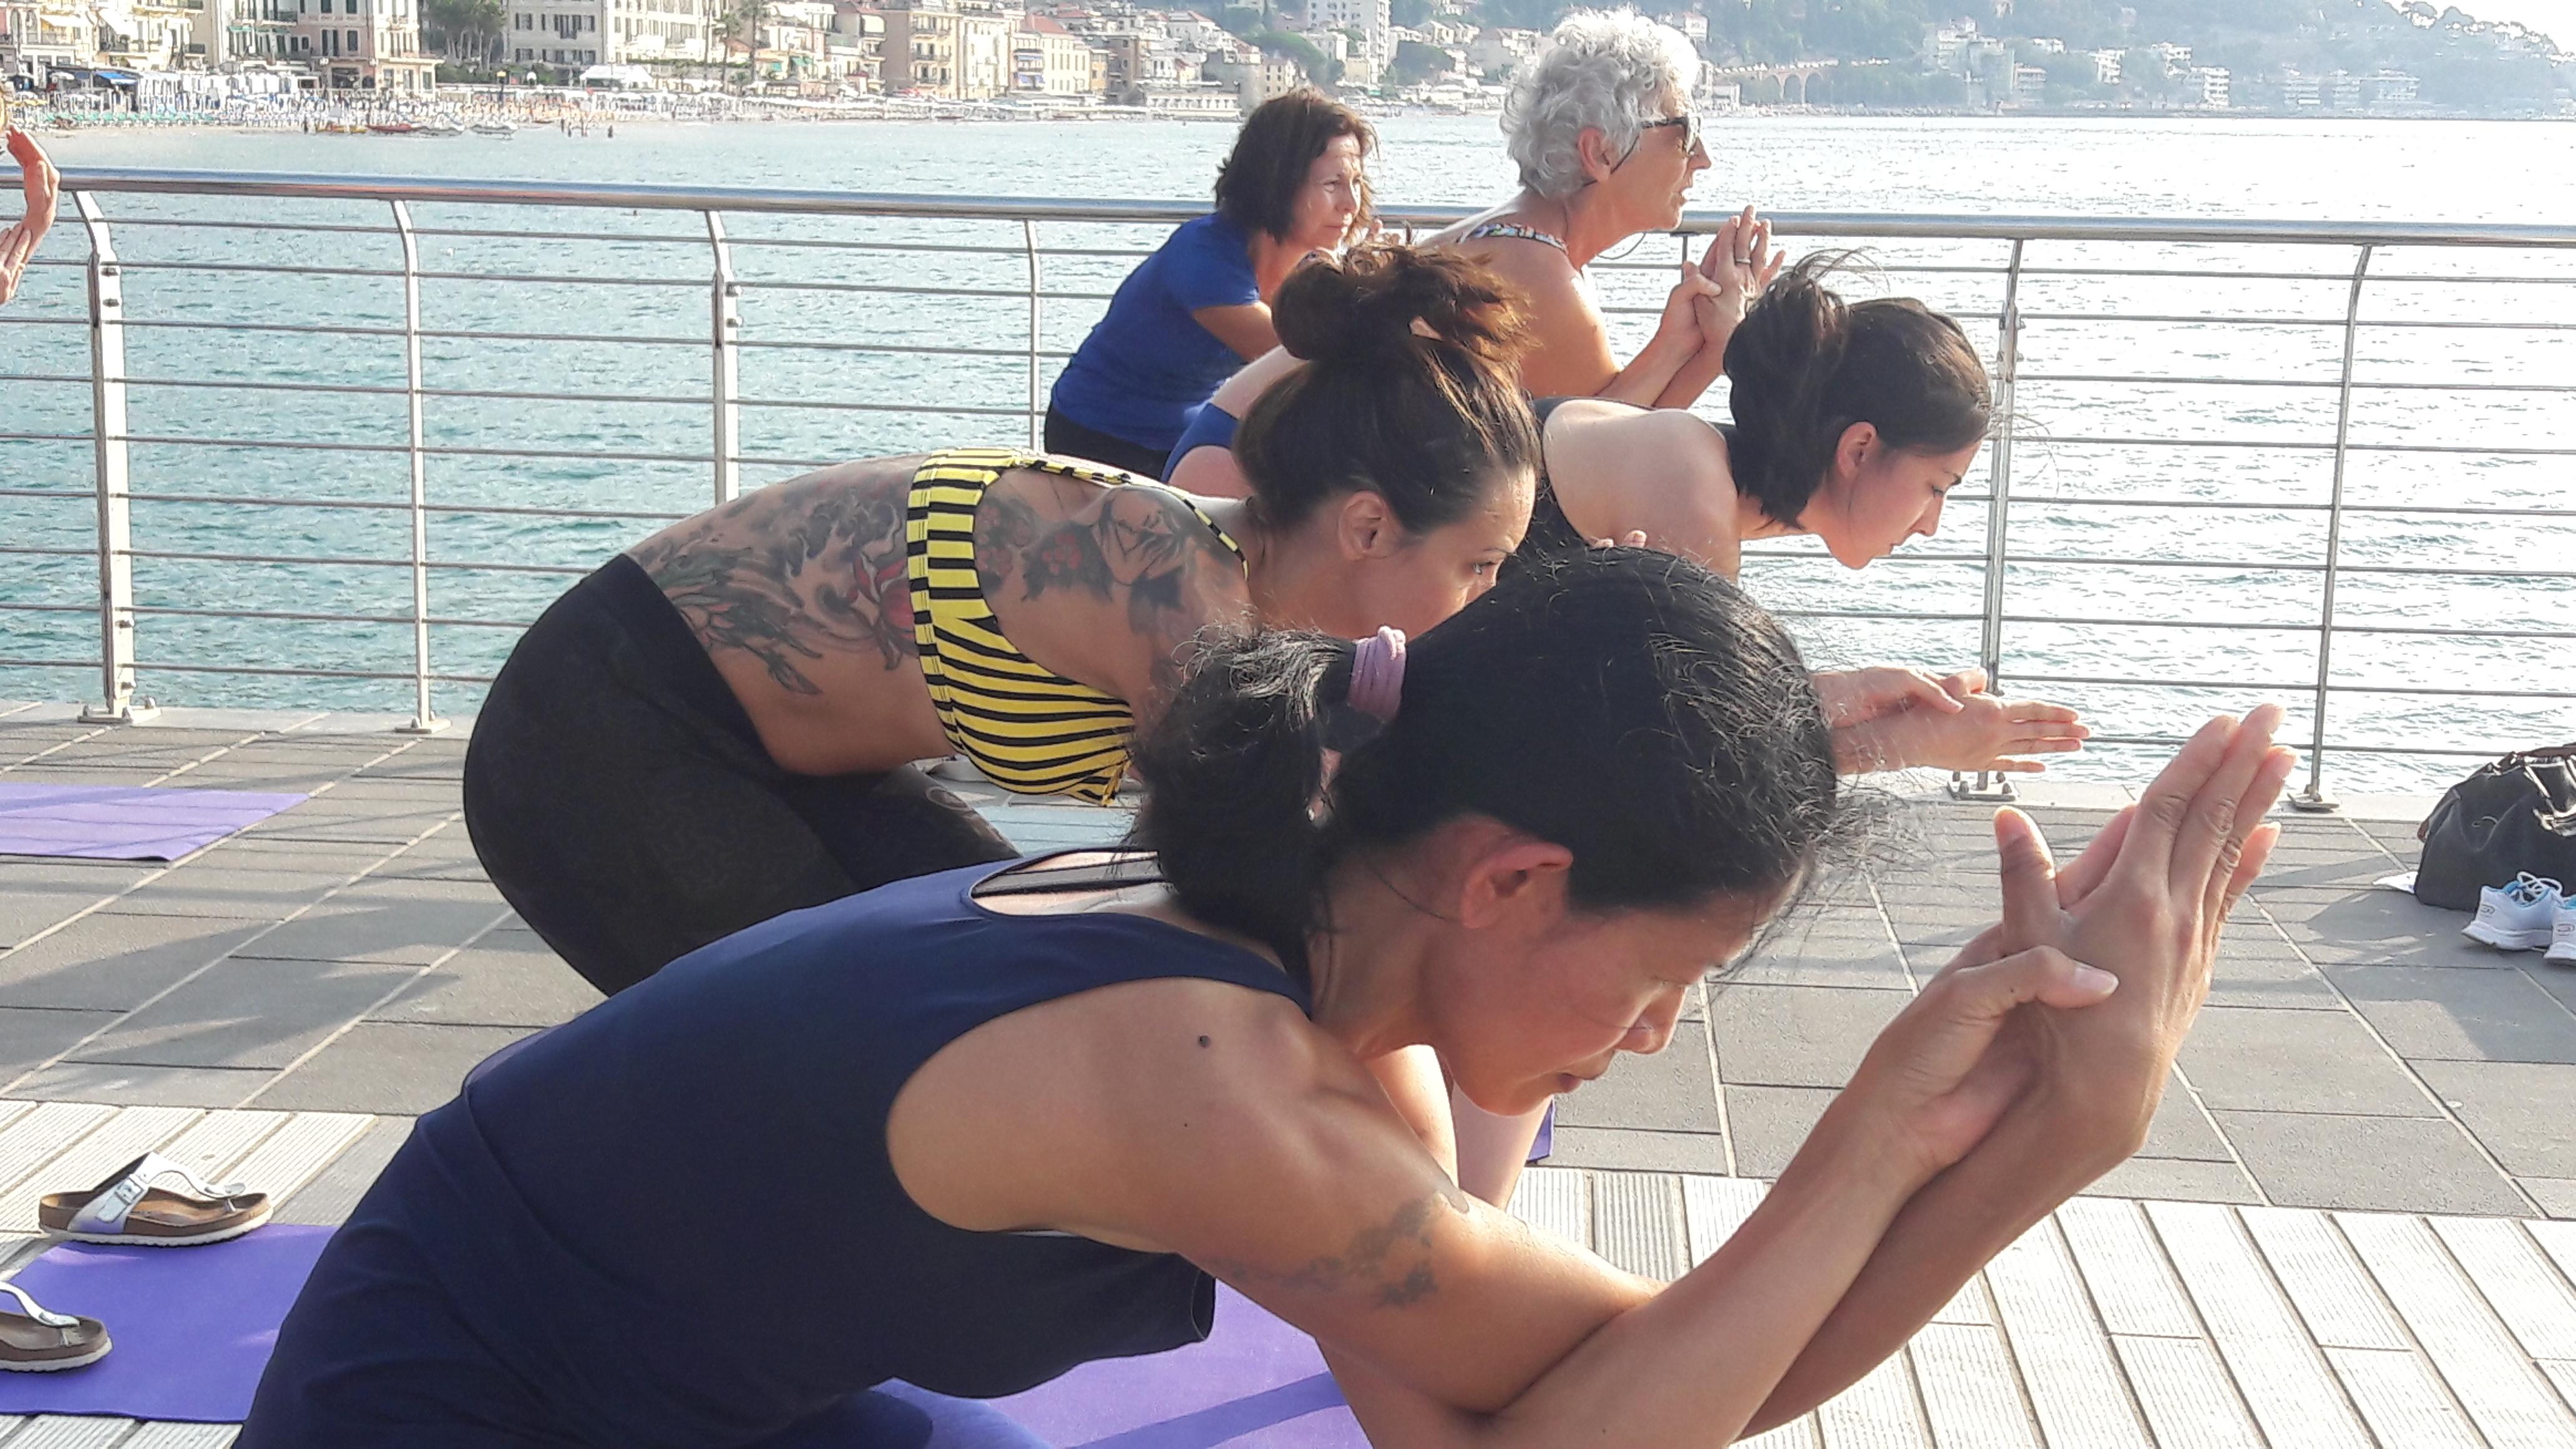 1_essere-free-yoga-gratuito-benessere-per-tutti-village-citta-alassio-estate-lucia-ragazzi-summer-town-wellness-023